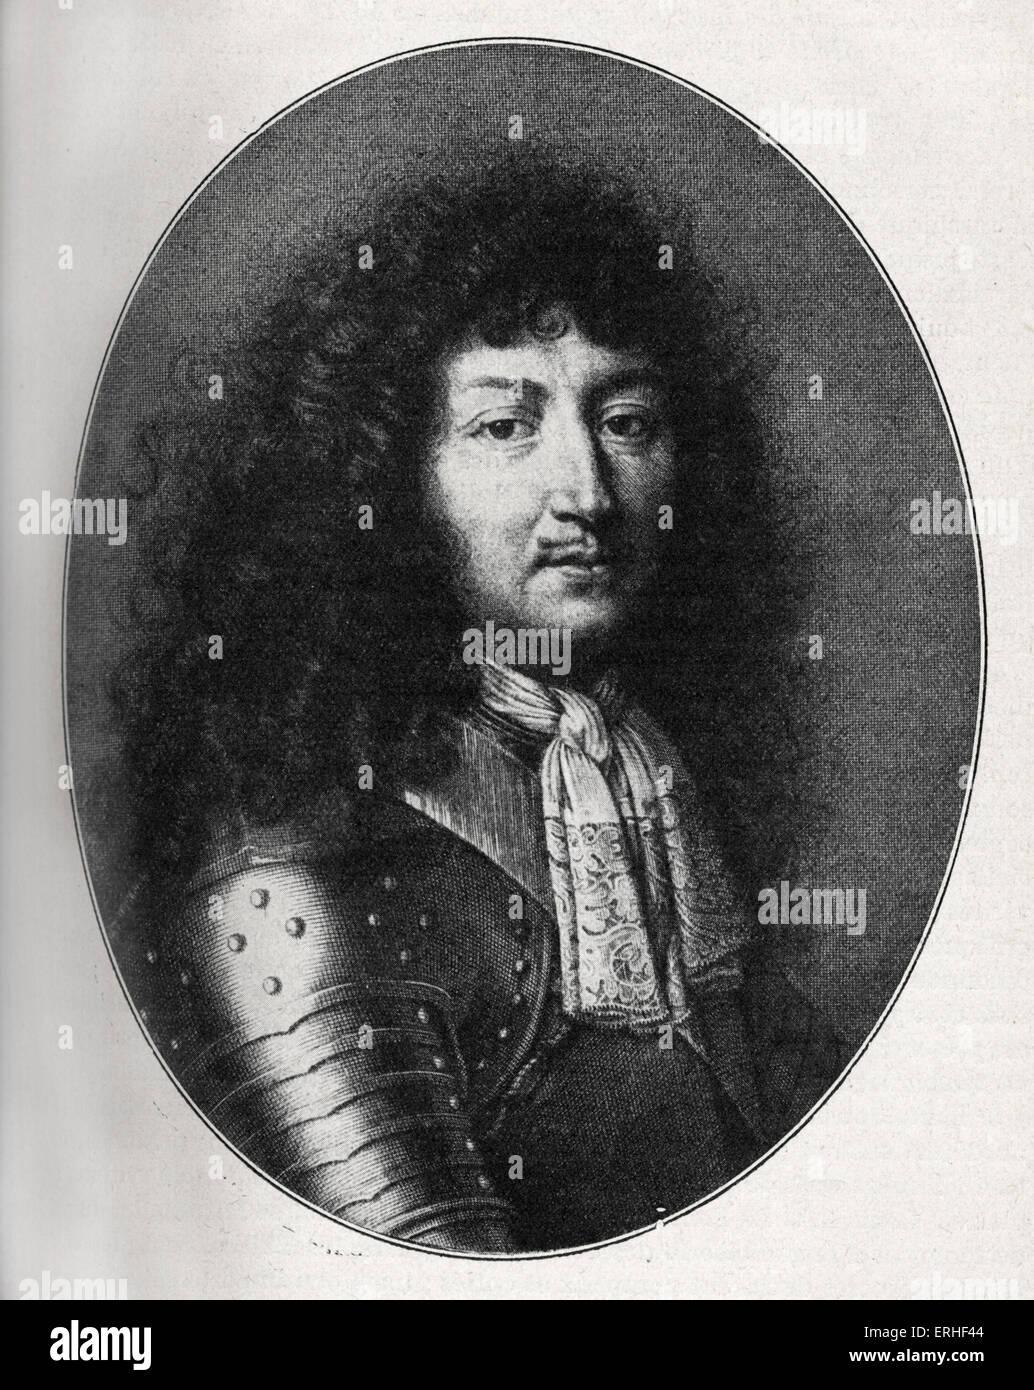 Französische König Ludwig XIV. (1638-1715) - Porträt im Jahre 1676, nach einem Kupferstich von F. de Poilly. Stockfoto